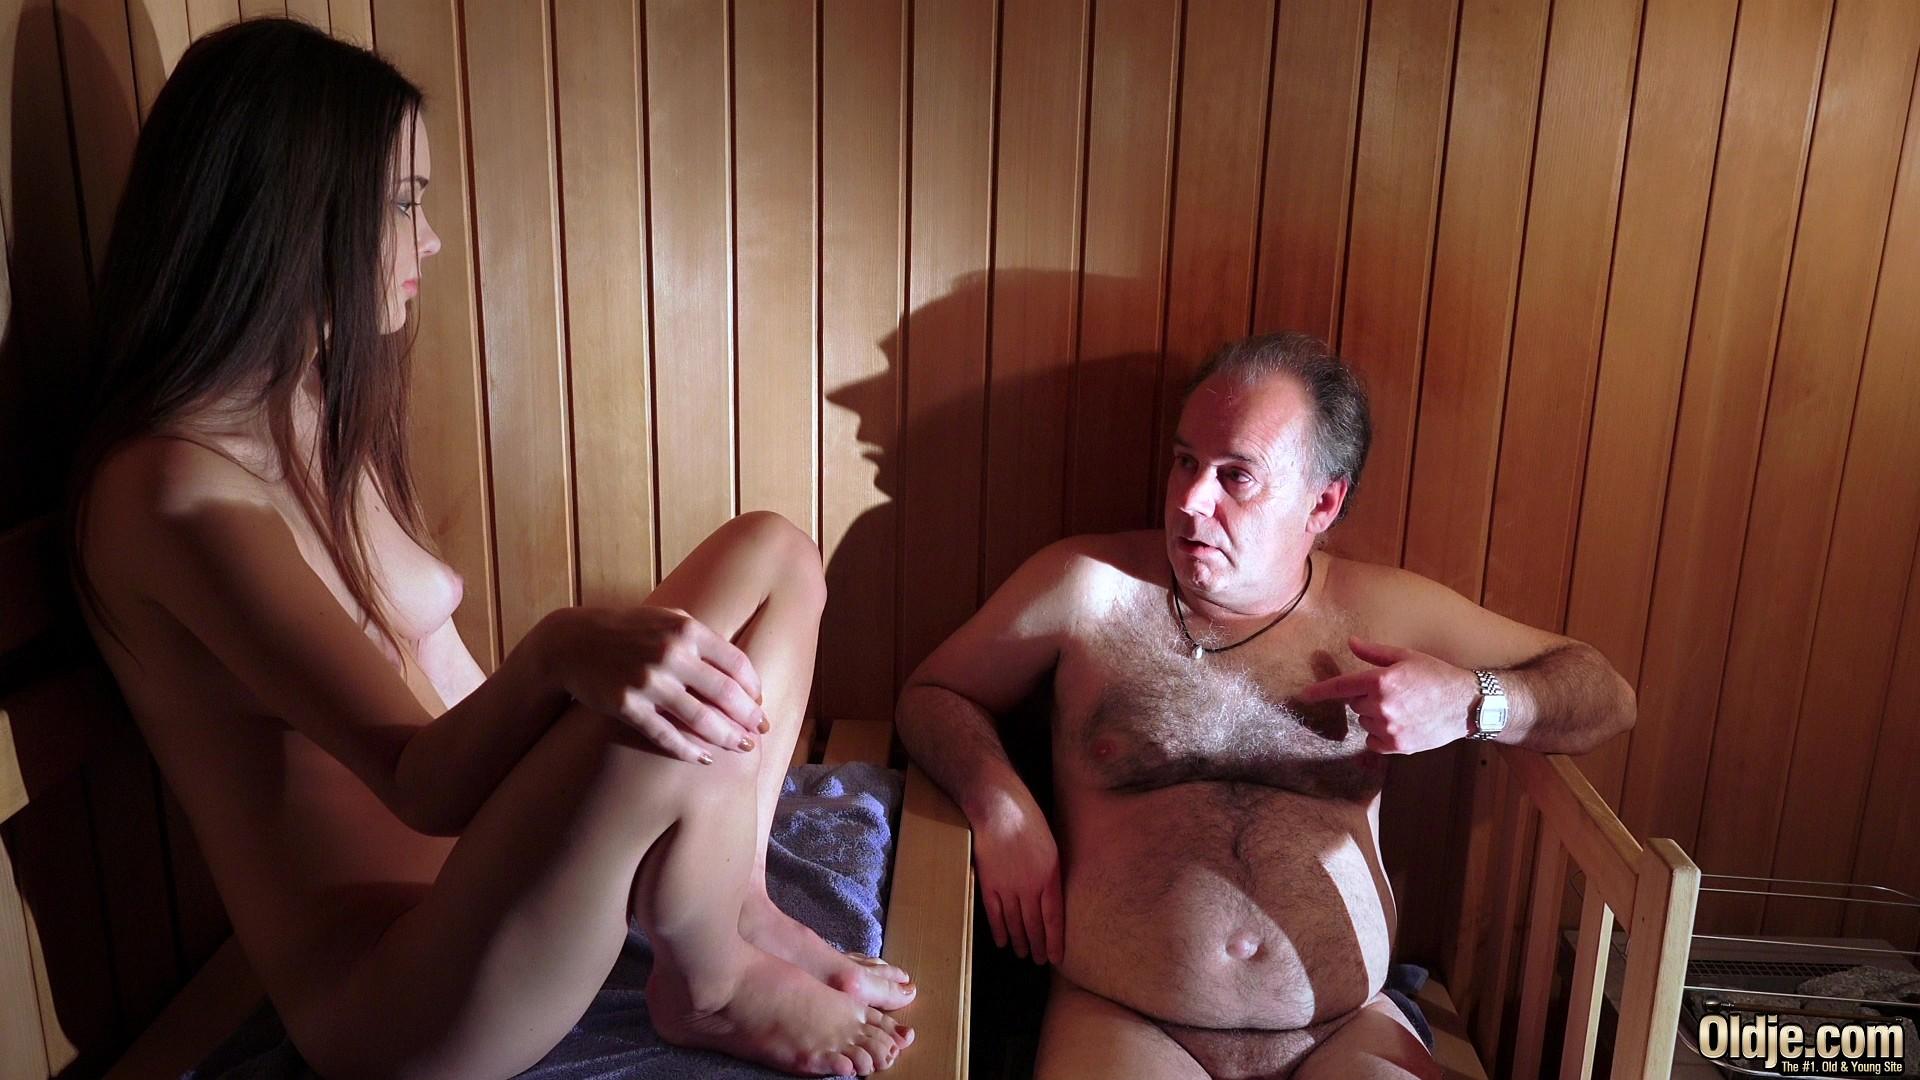 Частное порно в туалете ночного клуба фото